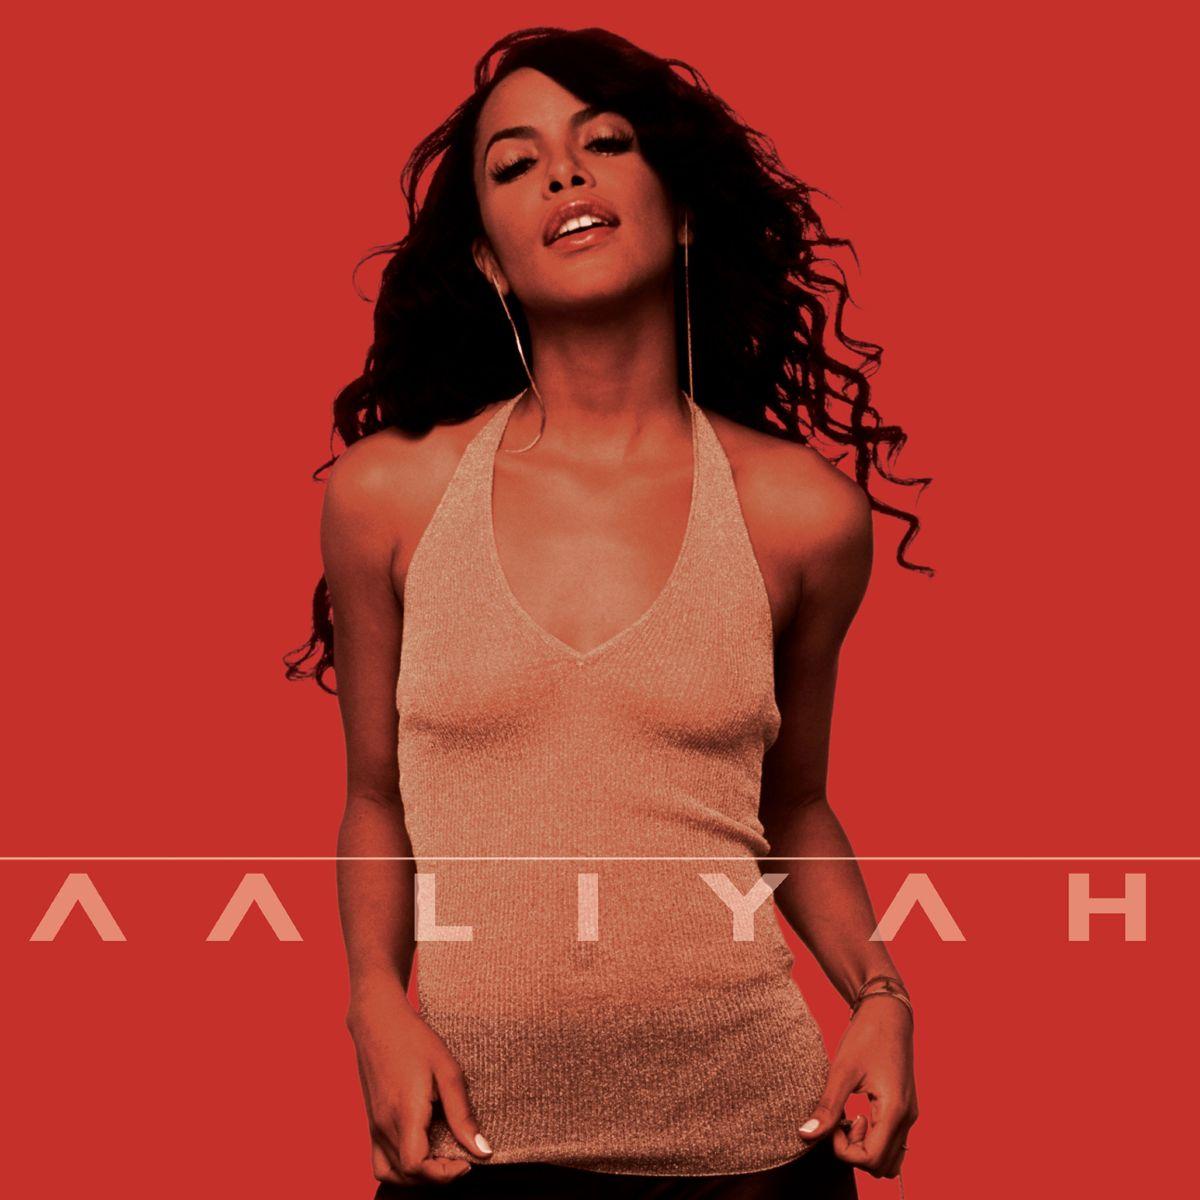 Aaliyah: Drittes Album der legendären R'nB-Ikone erscheint auf Spotify & Co